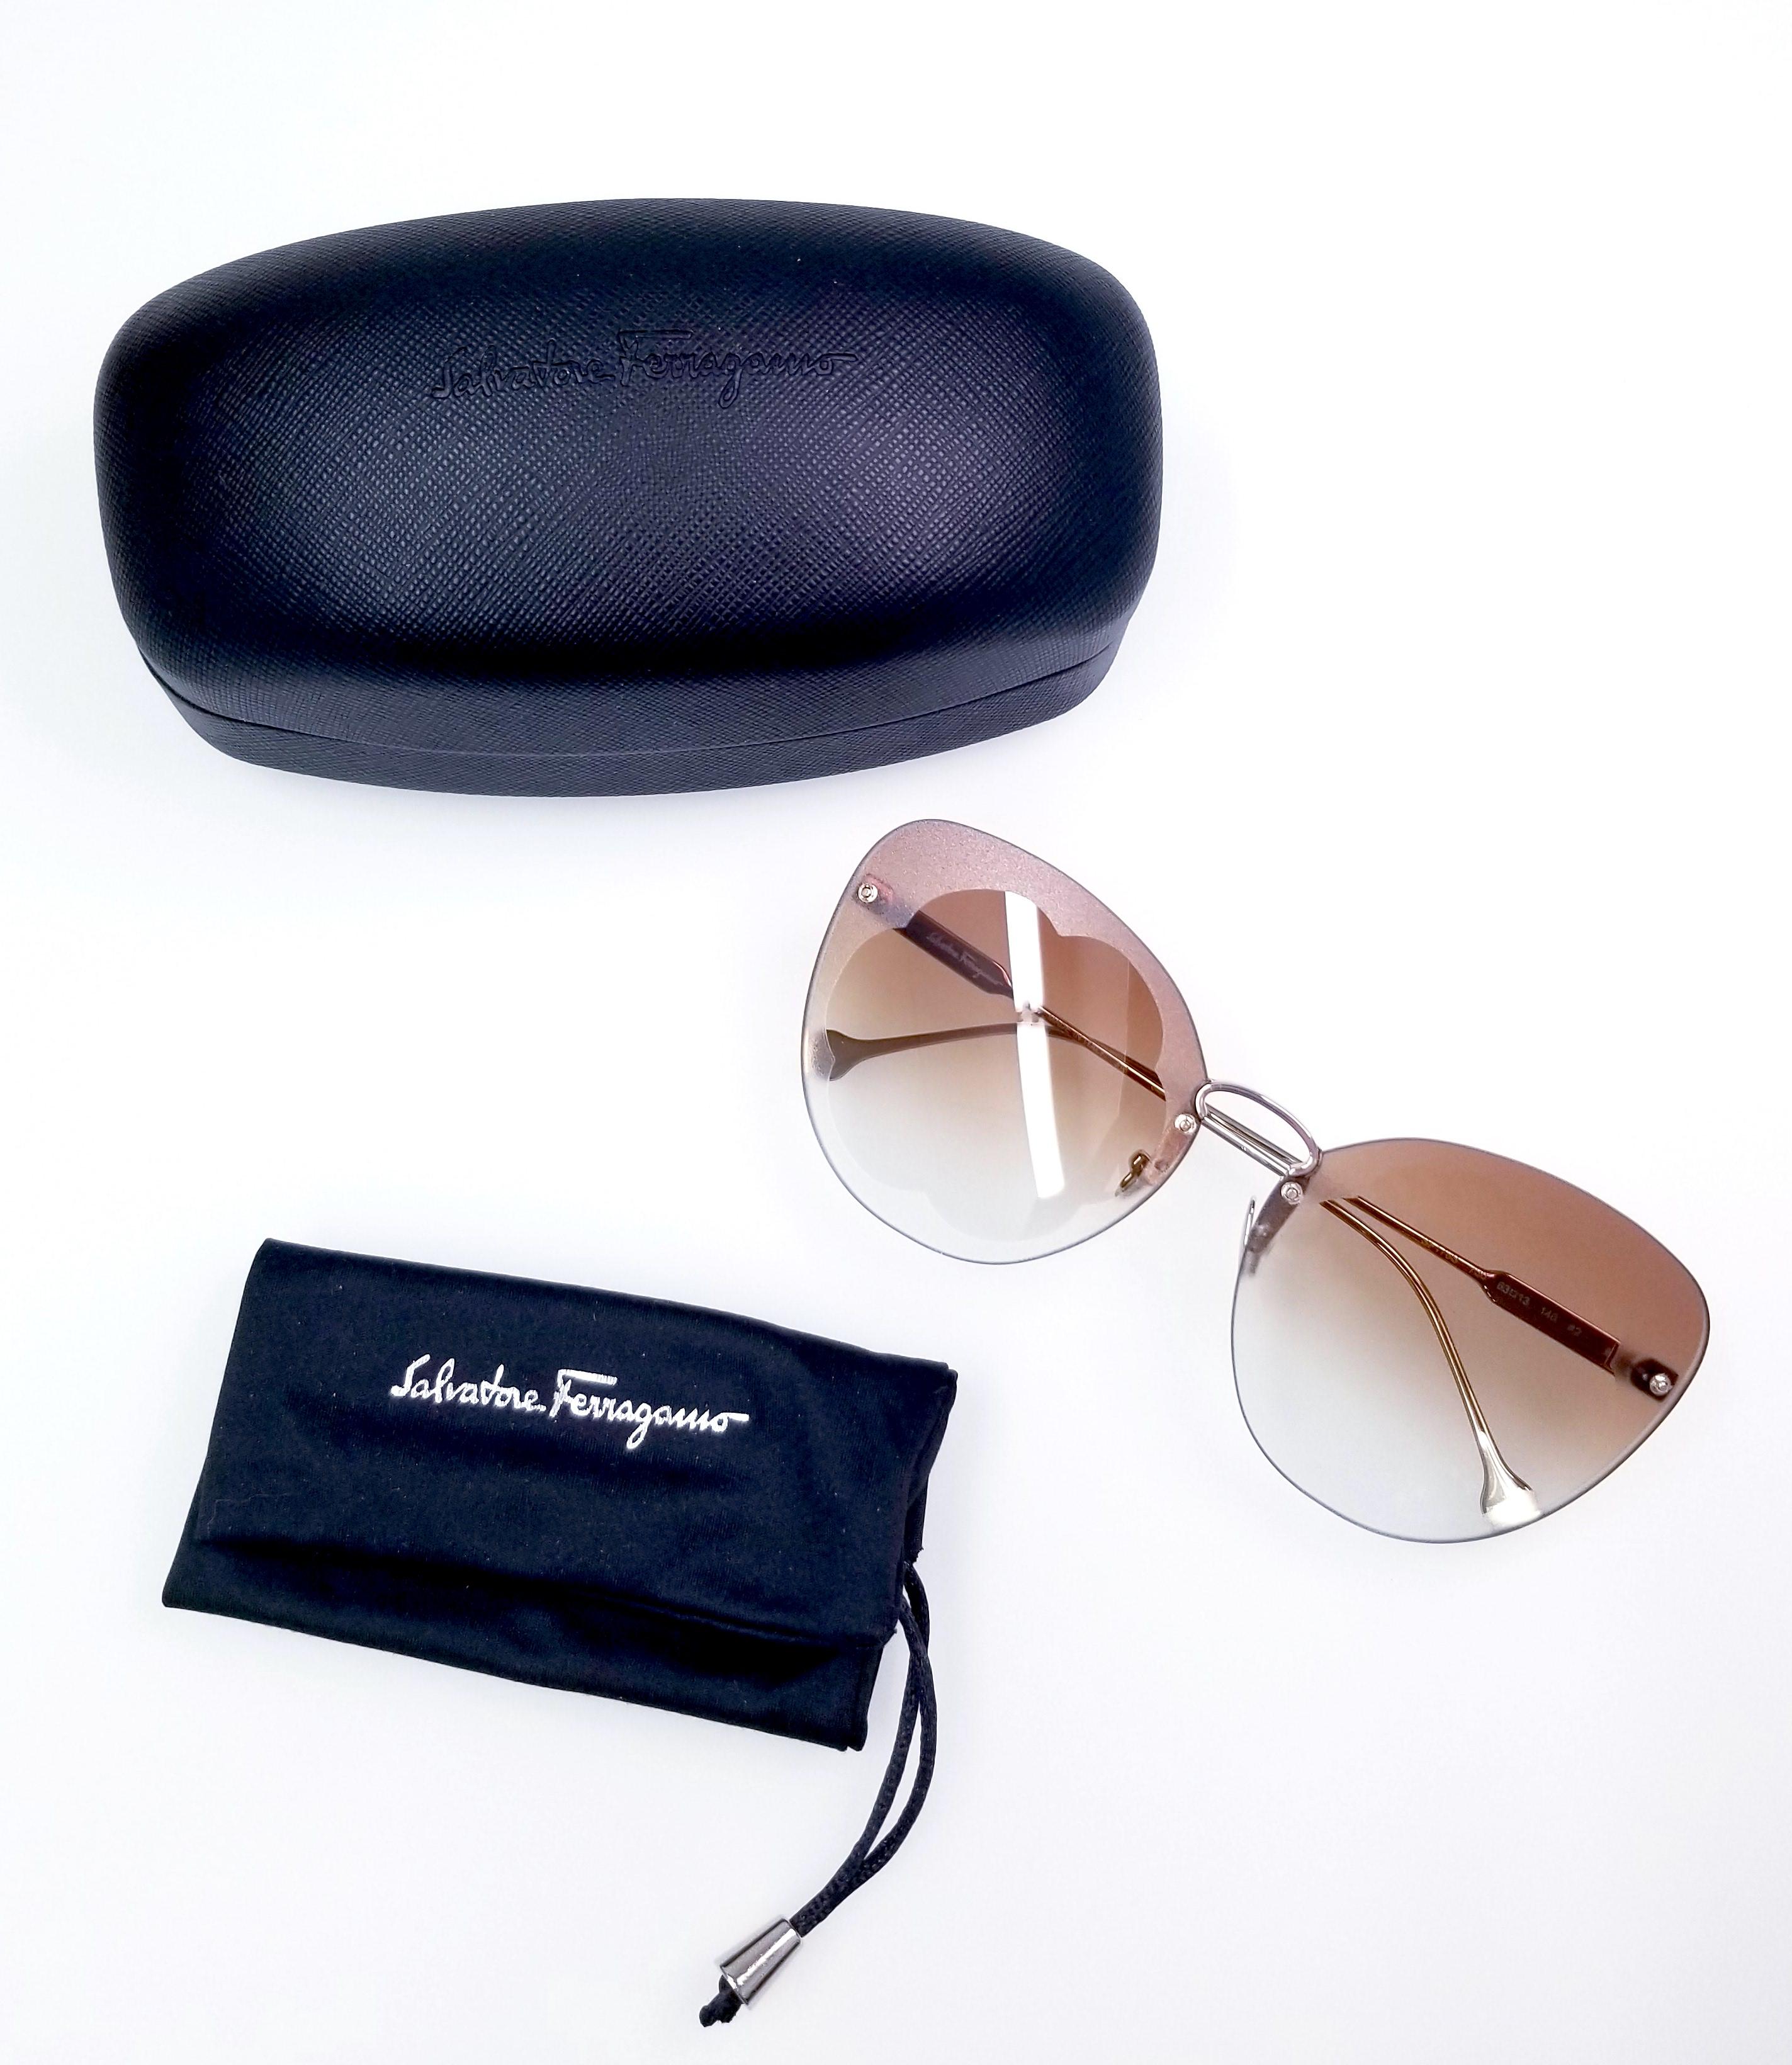 Salvatore Ferragamo New Sf178s Fiore 730 6313 Sunglasses Grailed